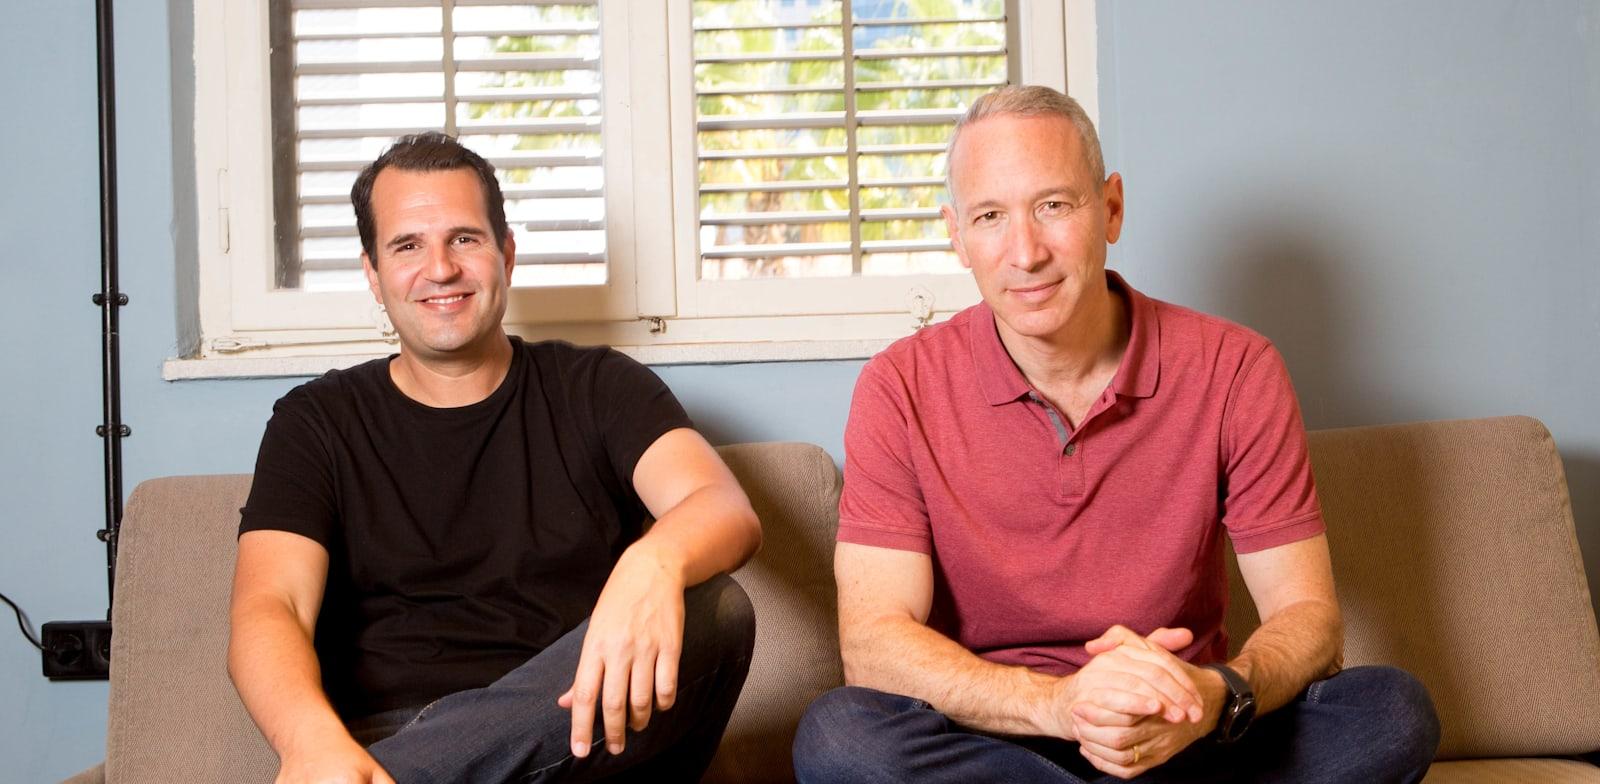 דניאל שרייבר ושי וינינגר, מייסדי למונייד / צילום: שלומי יוסף